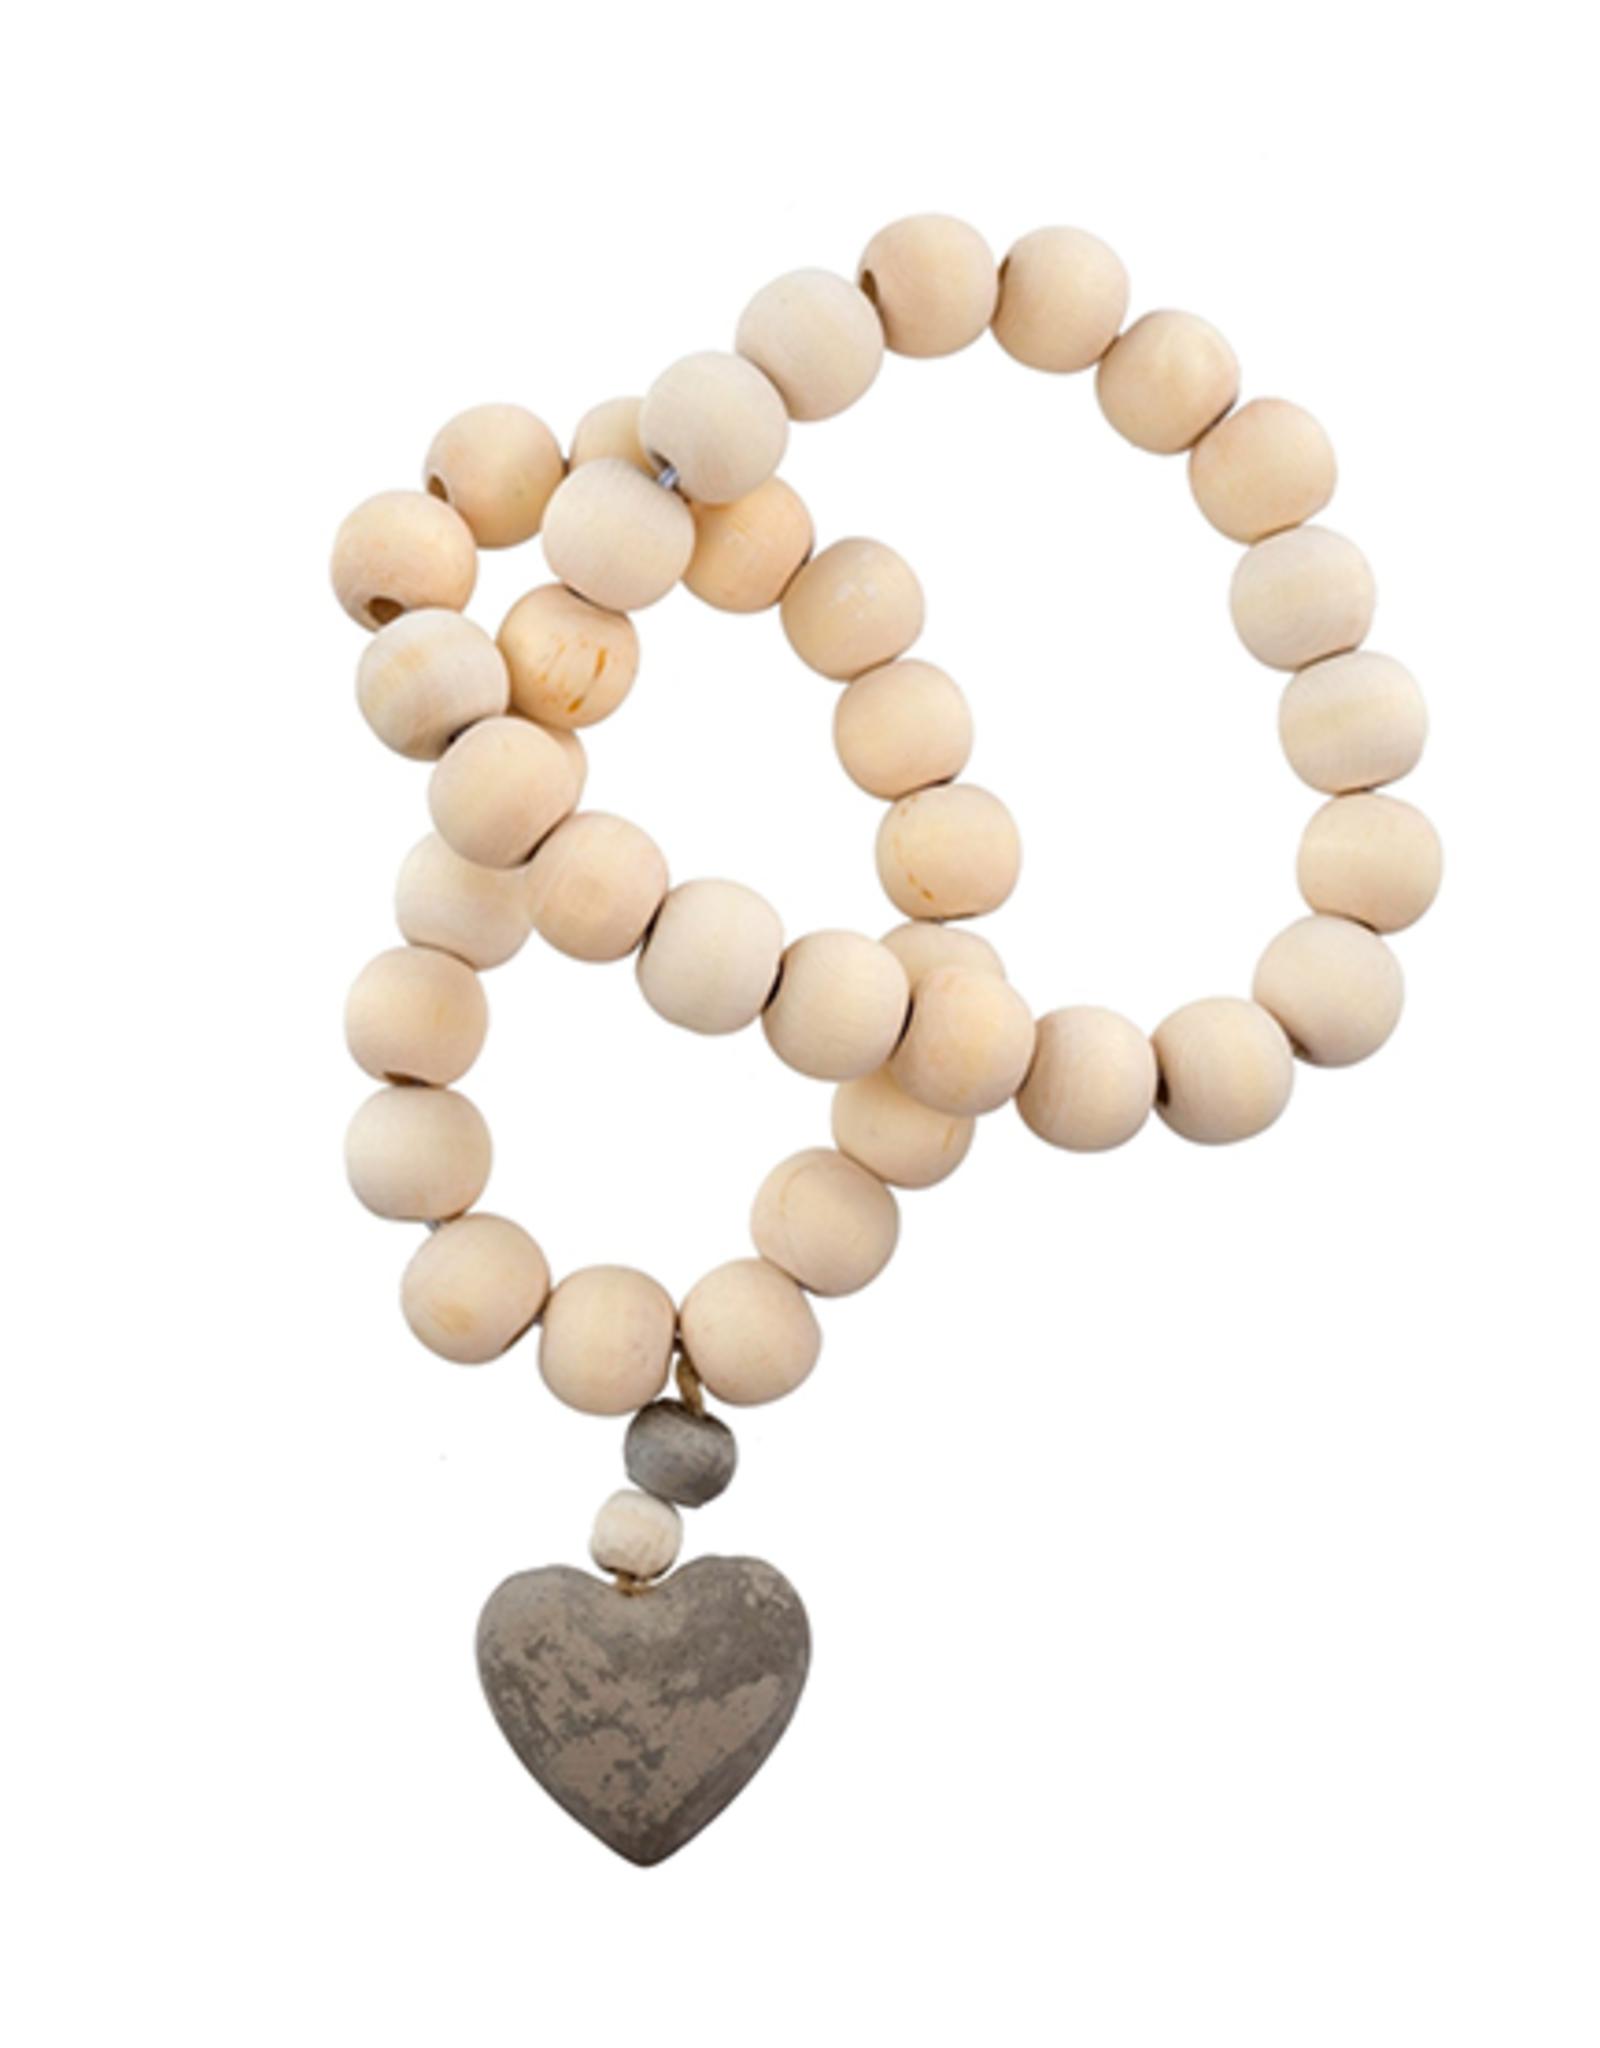 Heart Prayer Beads - Small